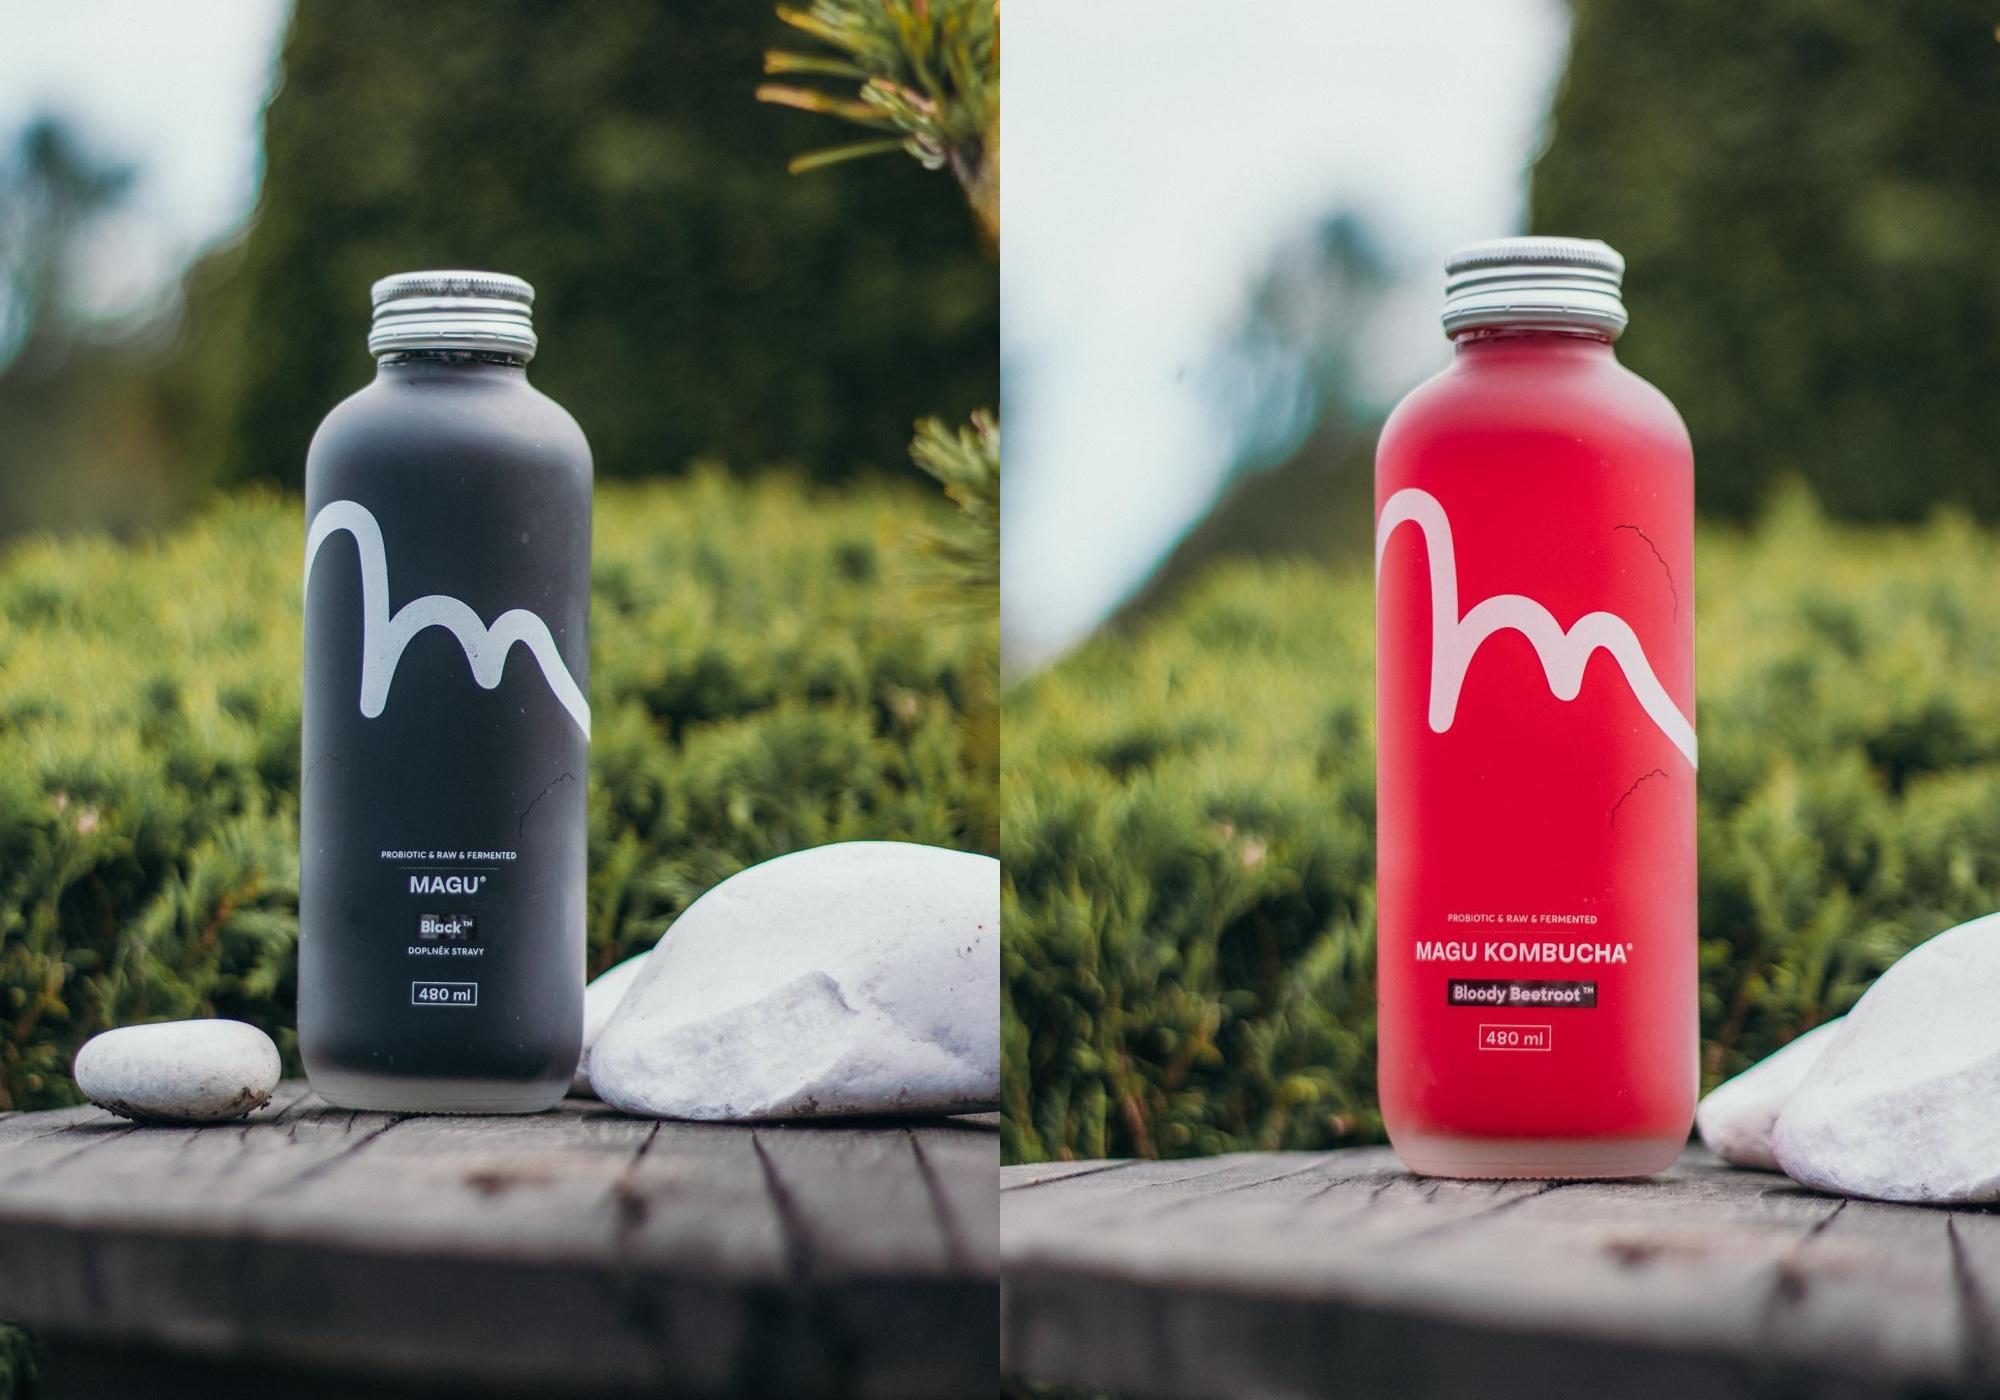 Magu Kombucha Branding Brand Identity